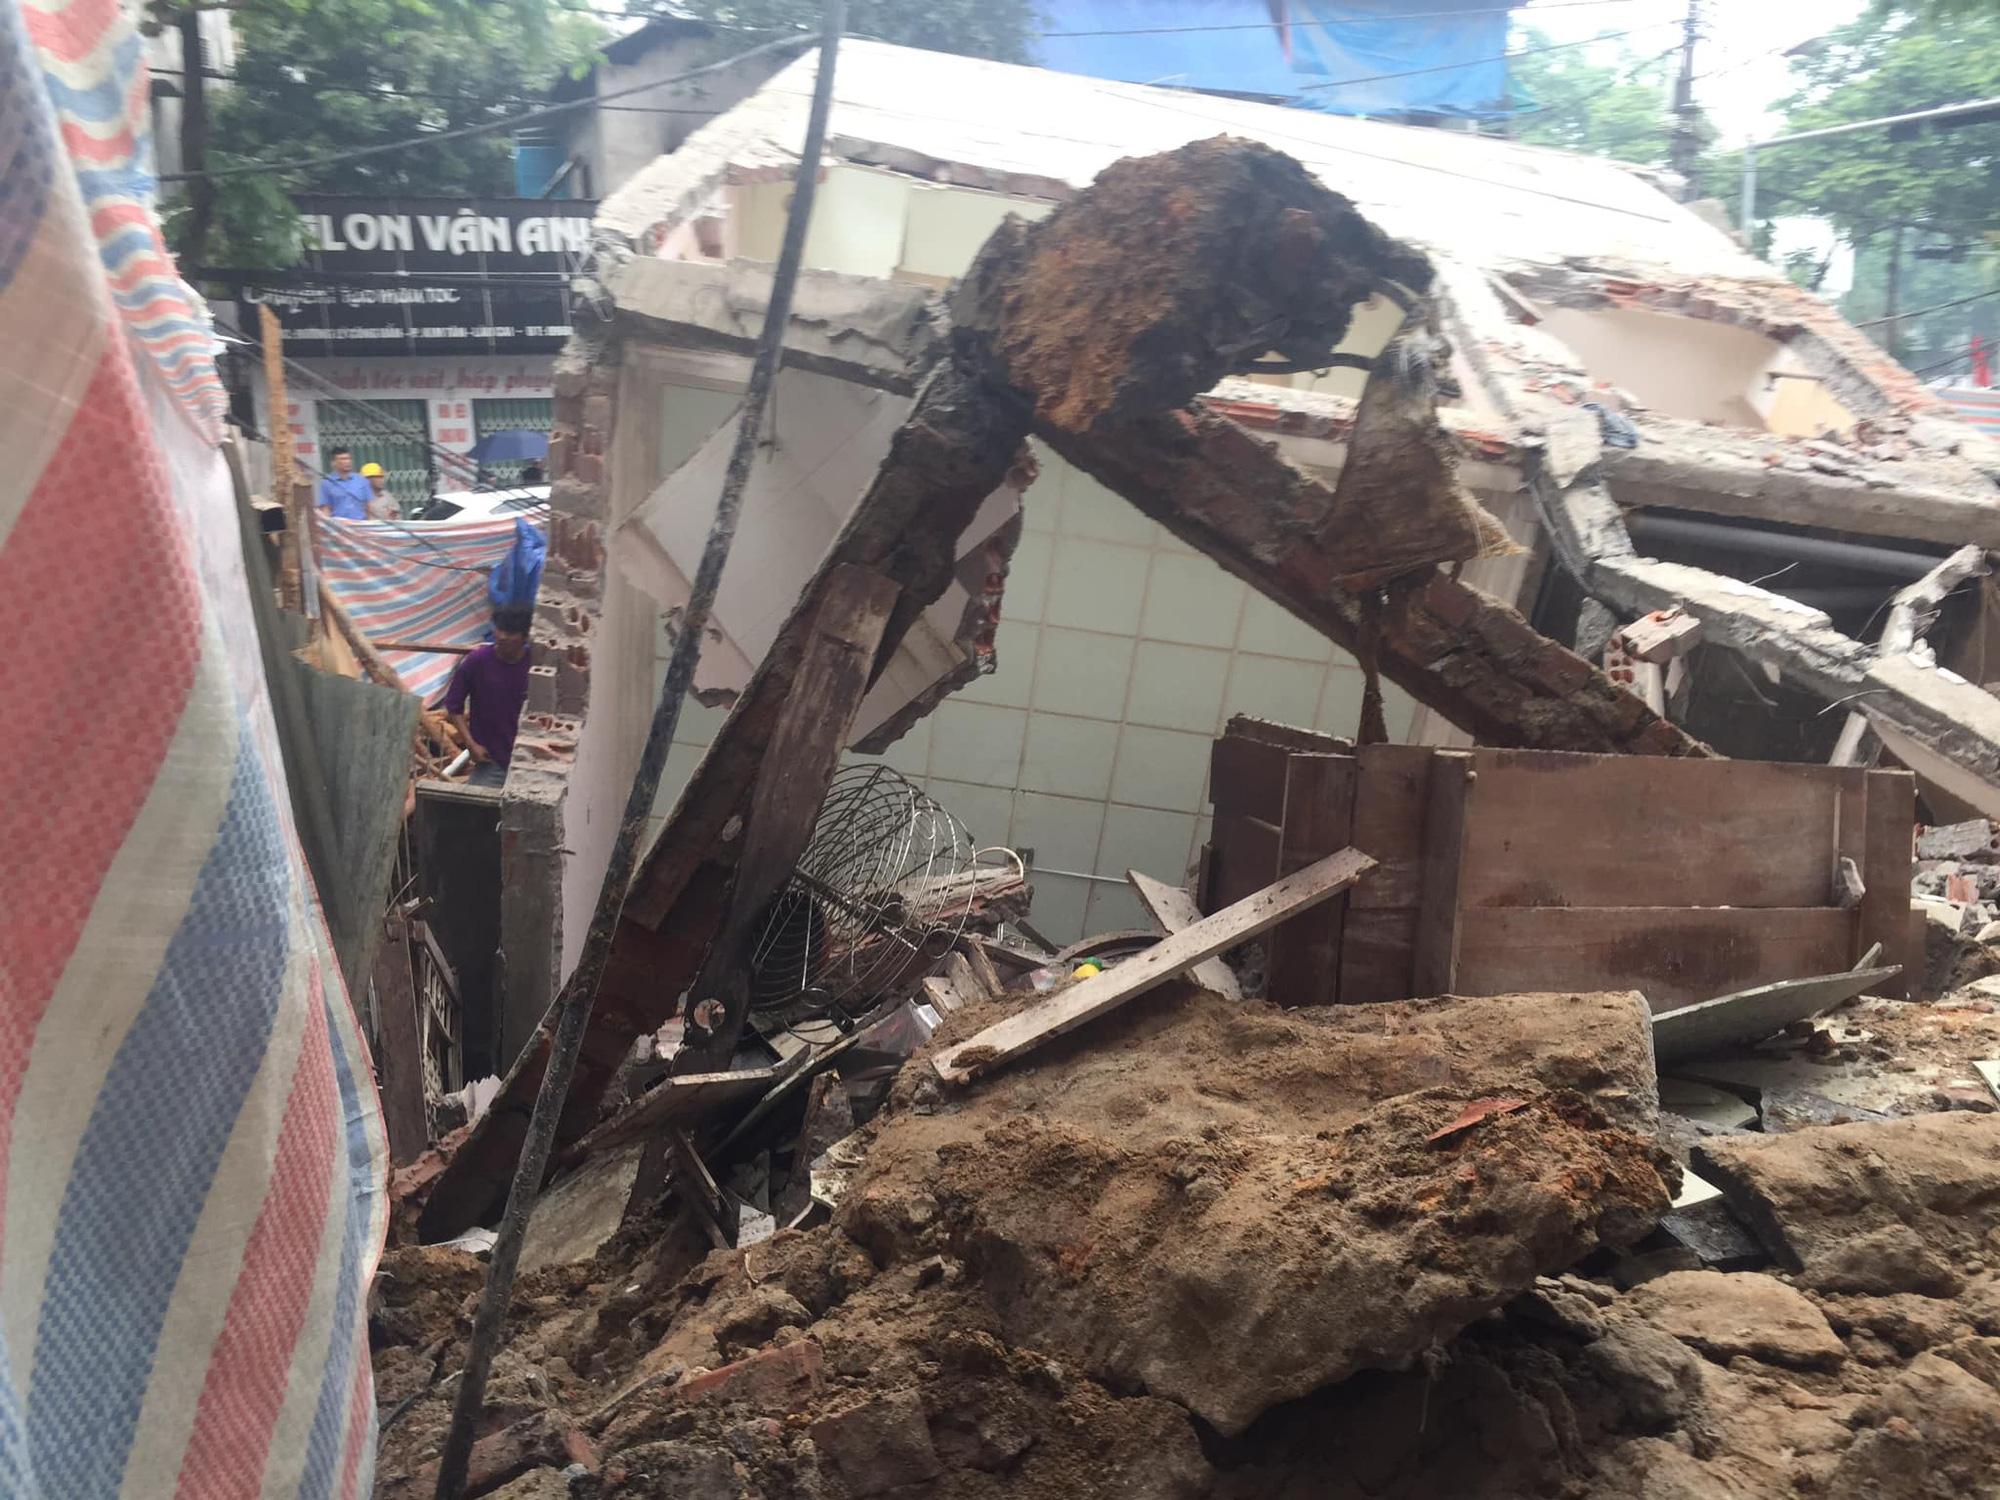 Ngôi nhà 2 tầng bất ngờ đổ sập xuống đường ở thành phố Lào Cai - Ảnh 3.